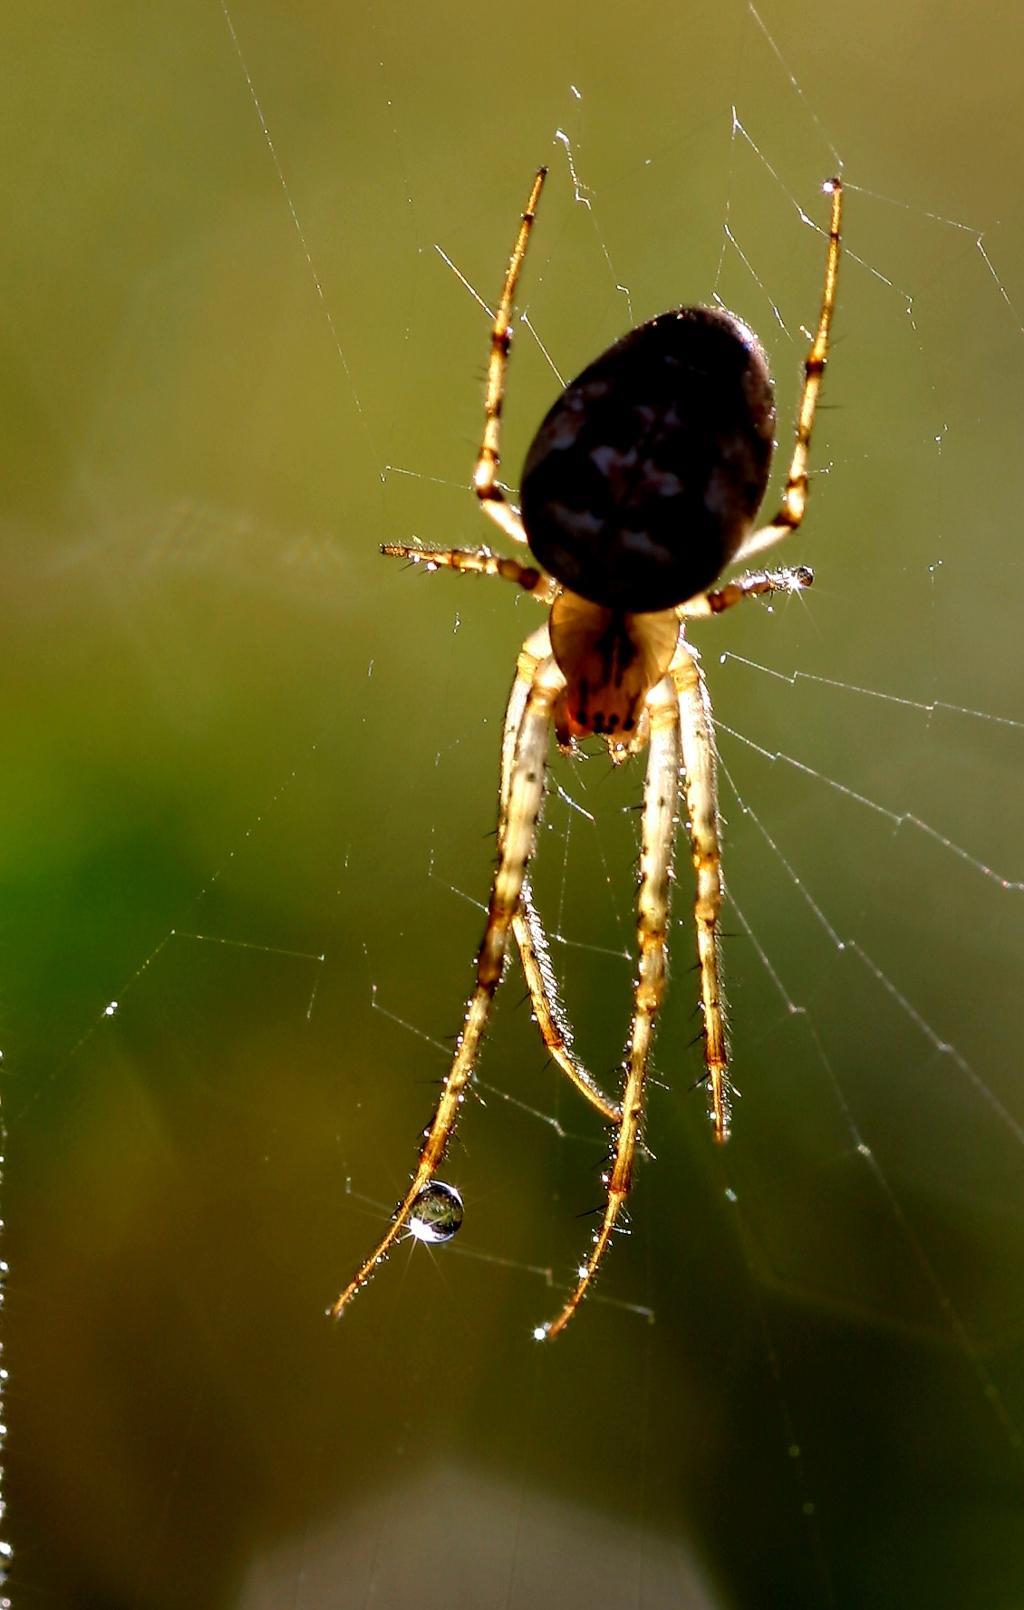 17 - Spinne im Gegenlicht